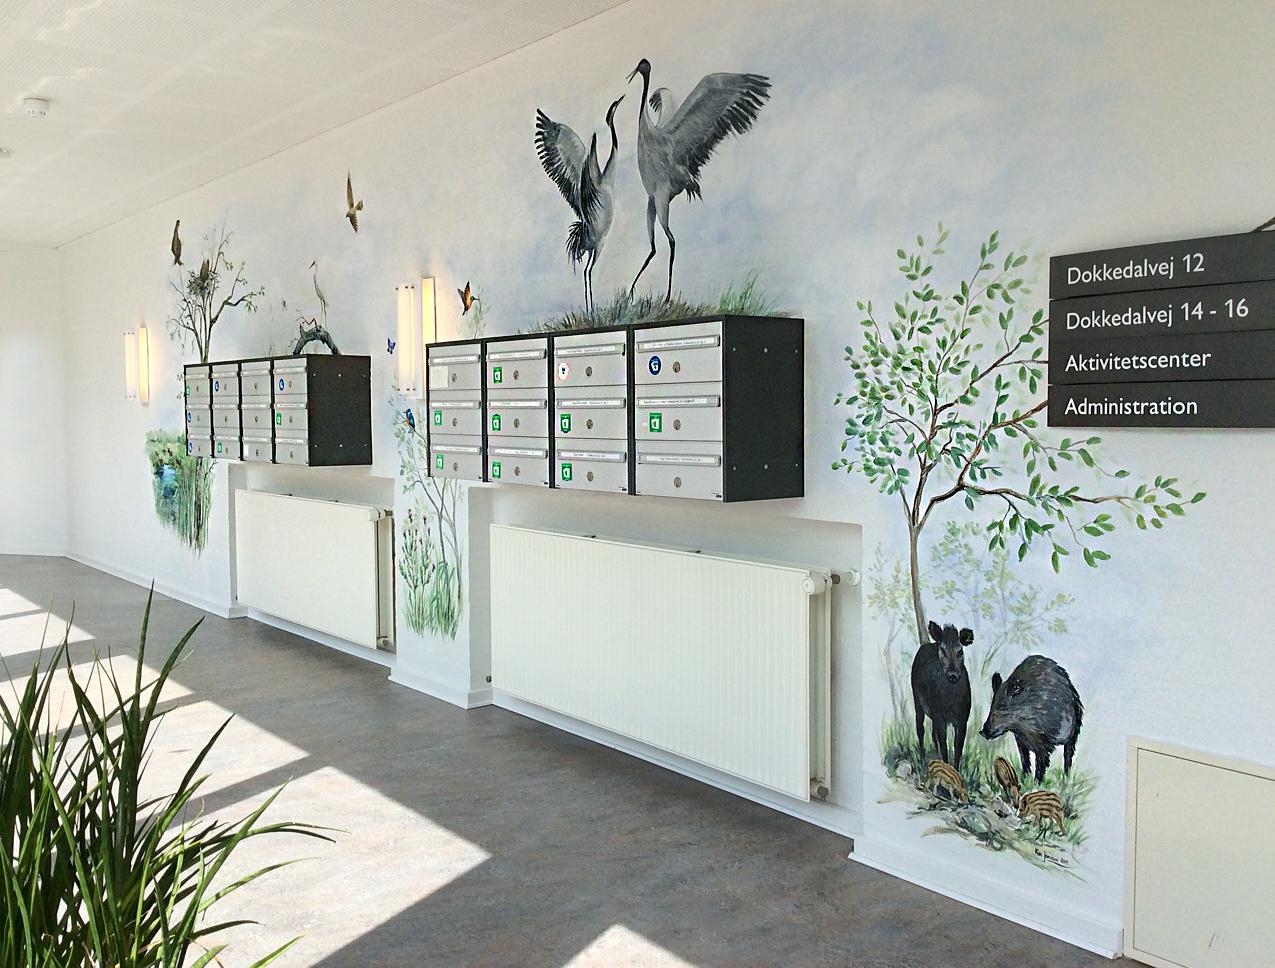 Vægmaleri over postkasser på Mou Plejecenter 4